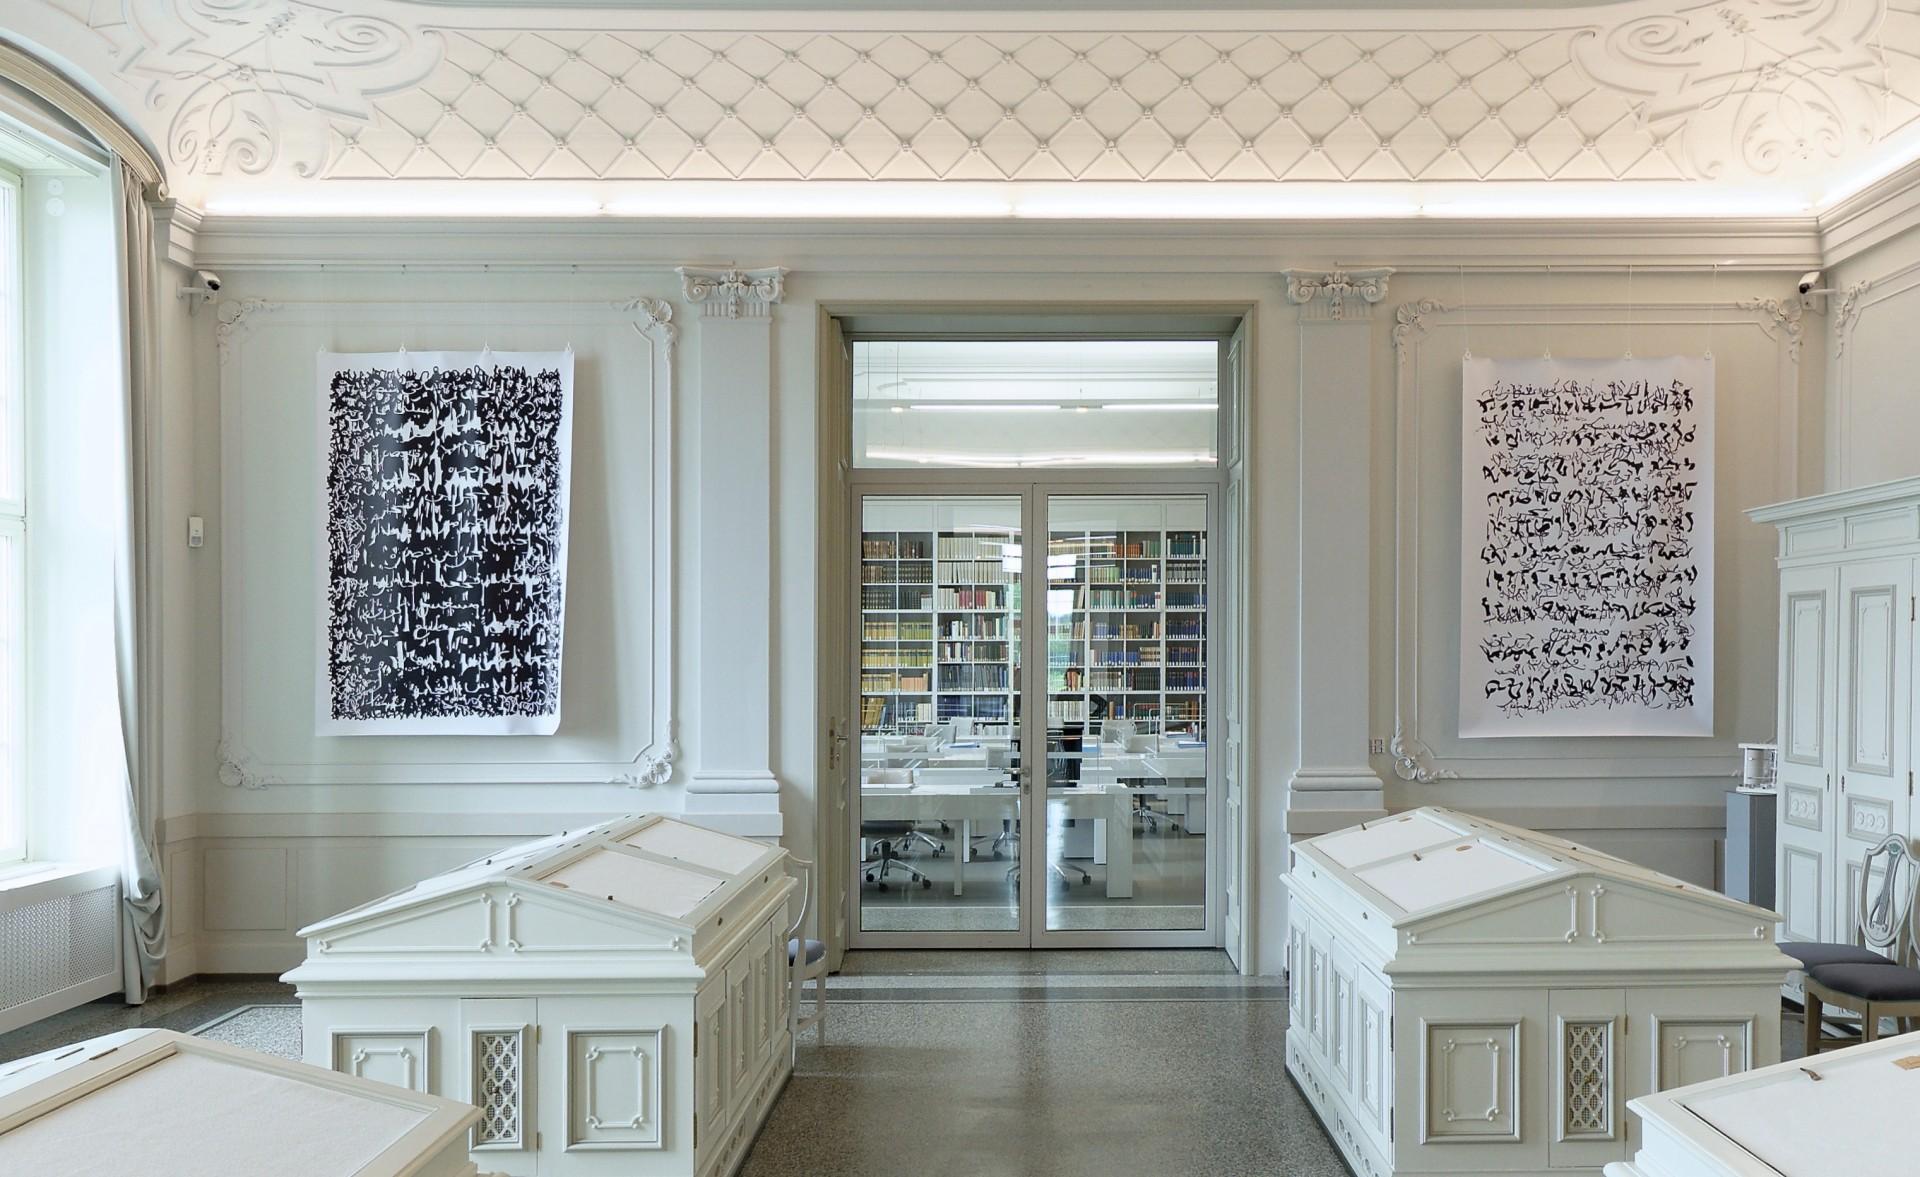 Ausstellungsansicht: Mittelsaal Goethe- und Schiller Archiv Weimar